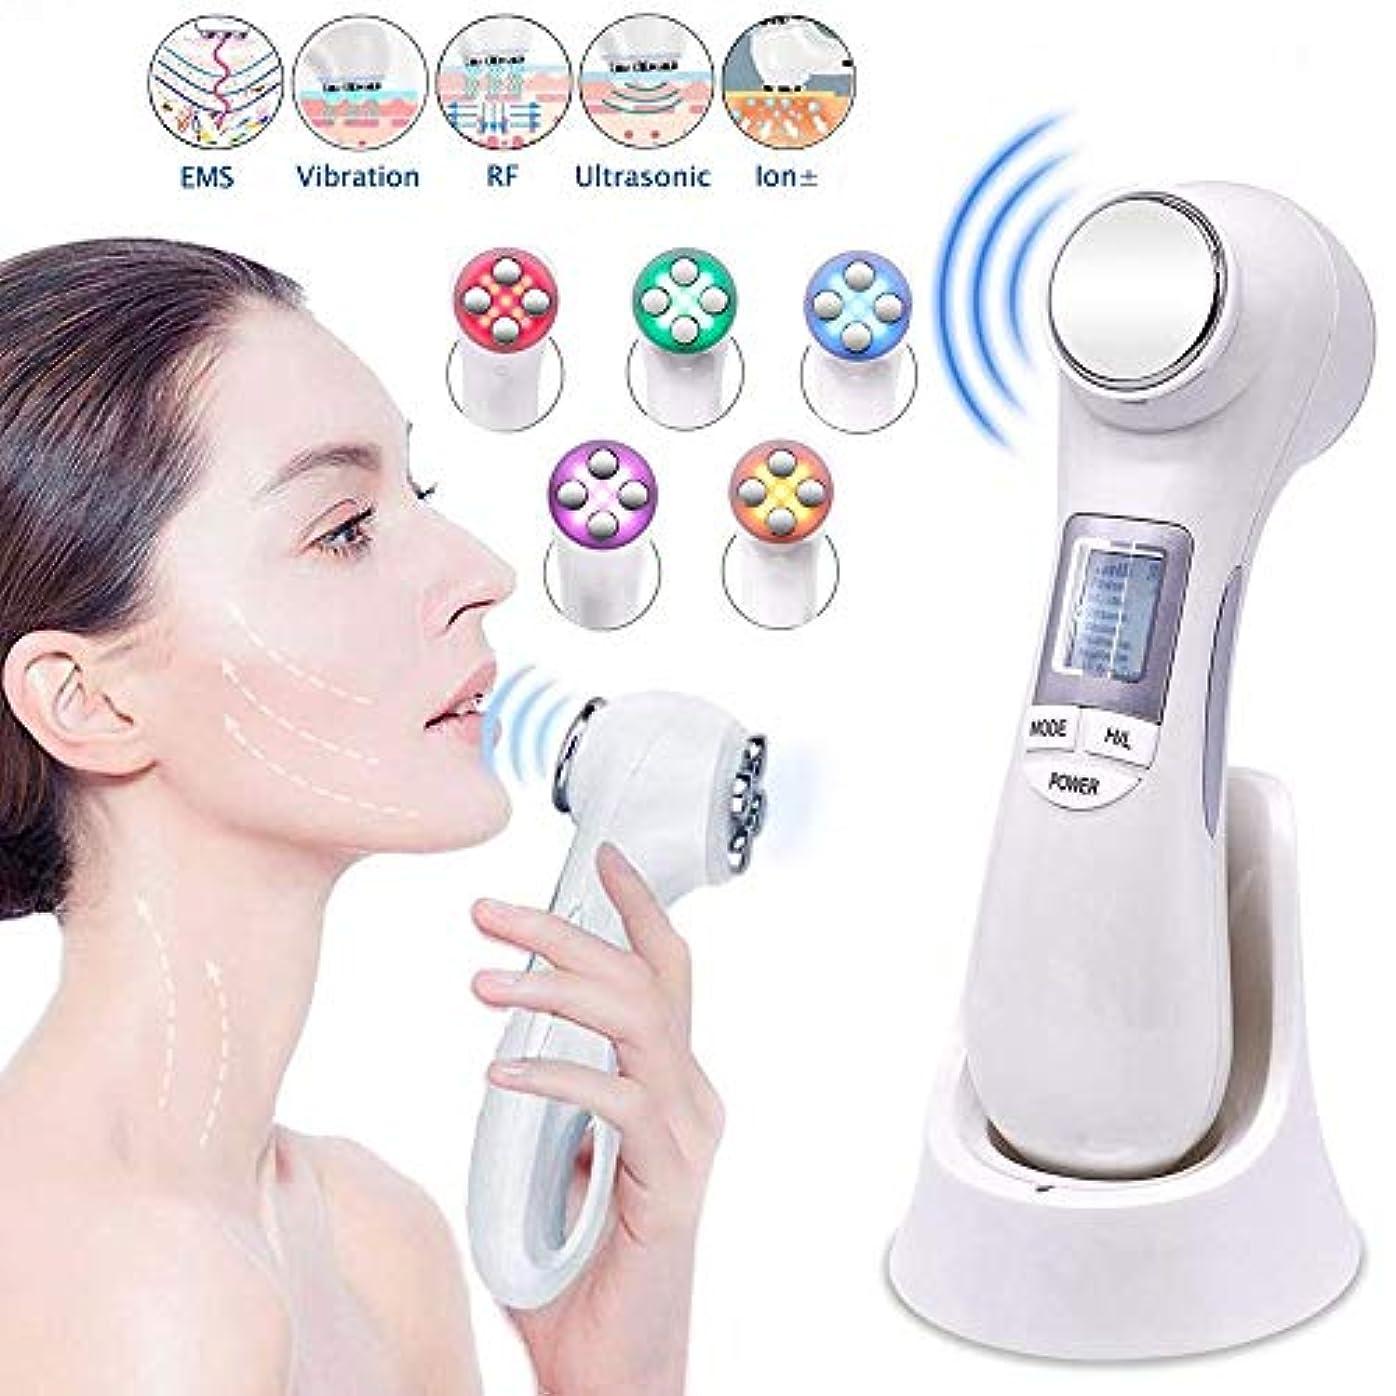 陽気な音節報酬のスキンケアのための5つの色LEDライト療法が付いている1つの高い出現の顔の持ち上がる機械EMS RFメッセージに付き機械6つをきつく締めること